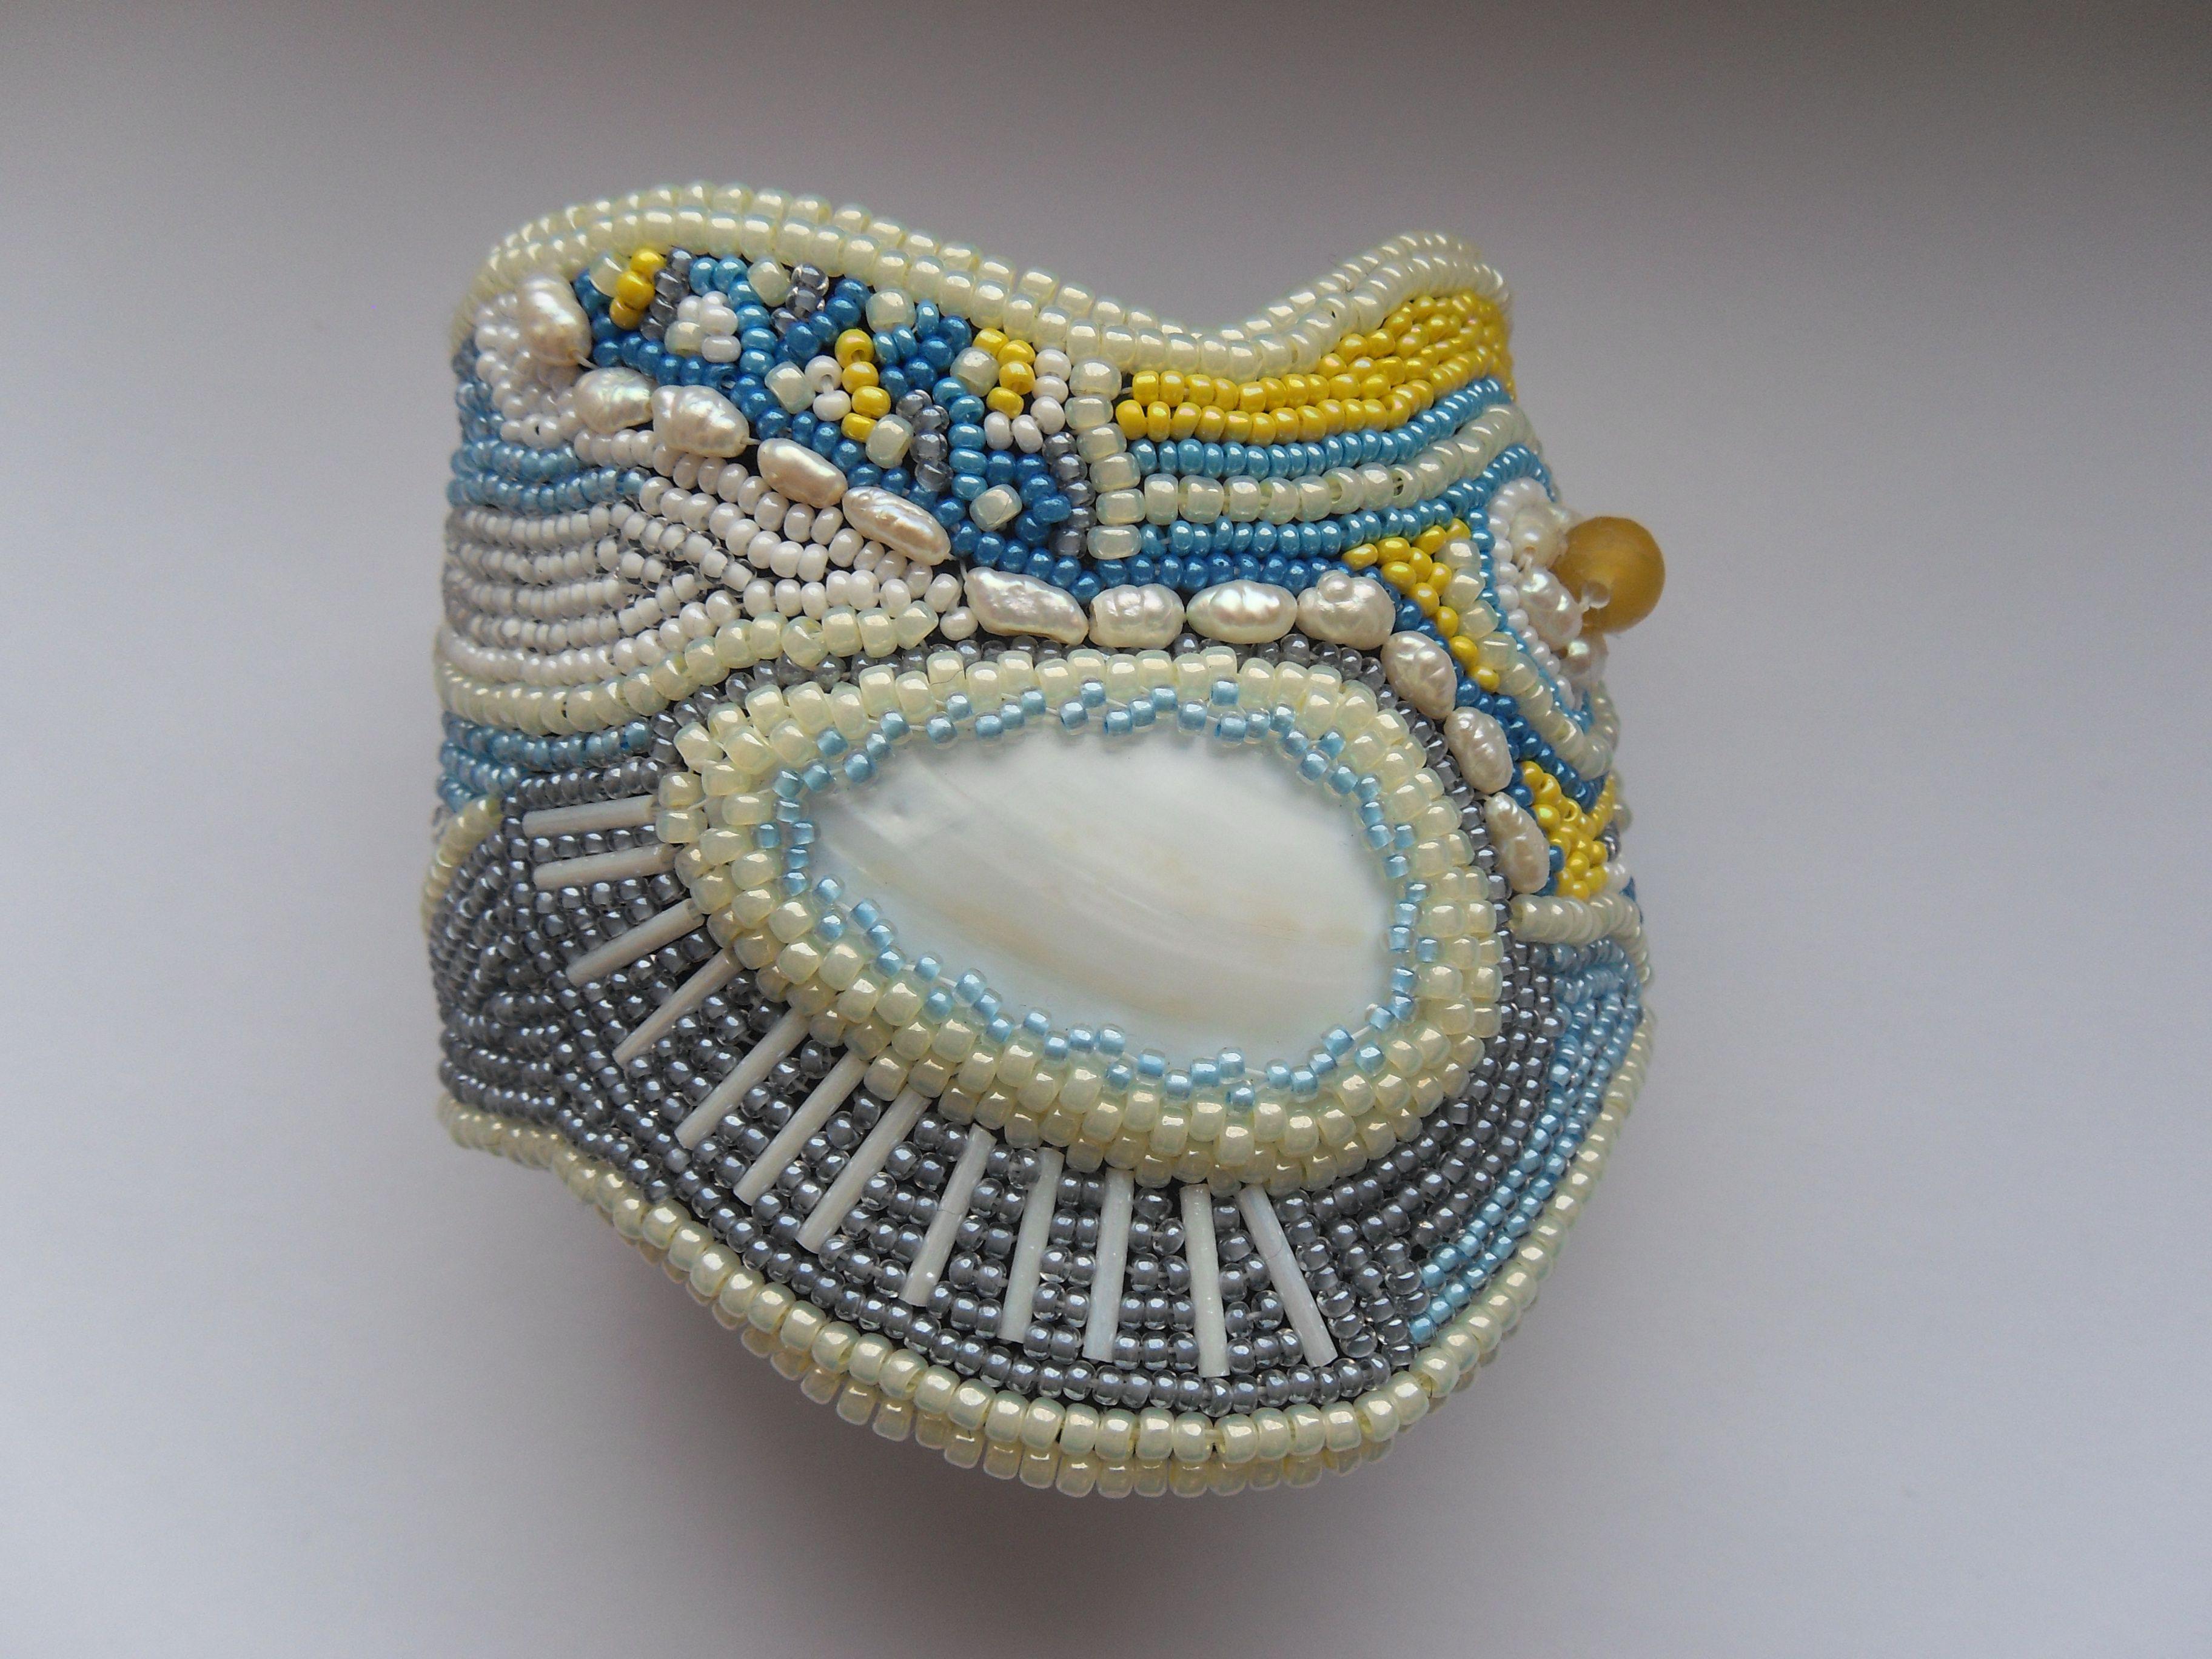 подарок браслет купить жемчуг украшение речнойжемчуг купитьбраслет перламутр аленаэир вышивкабисером